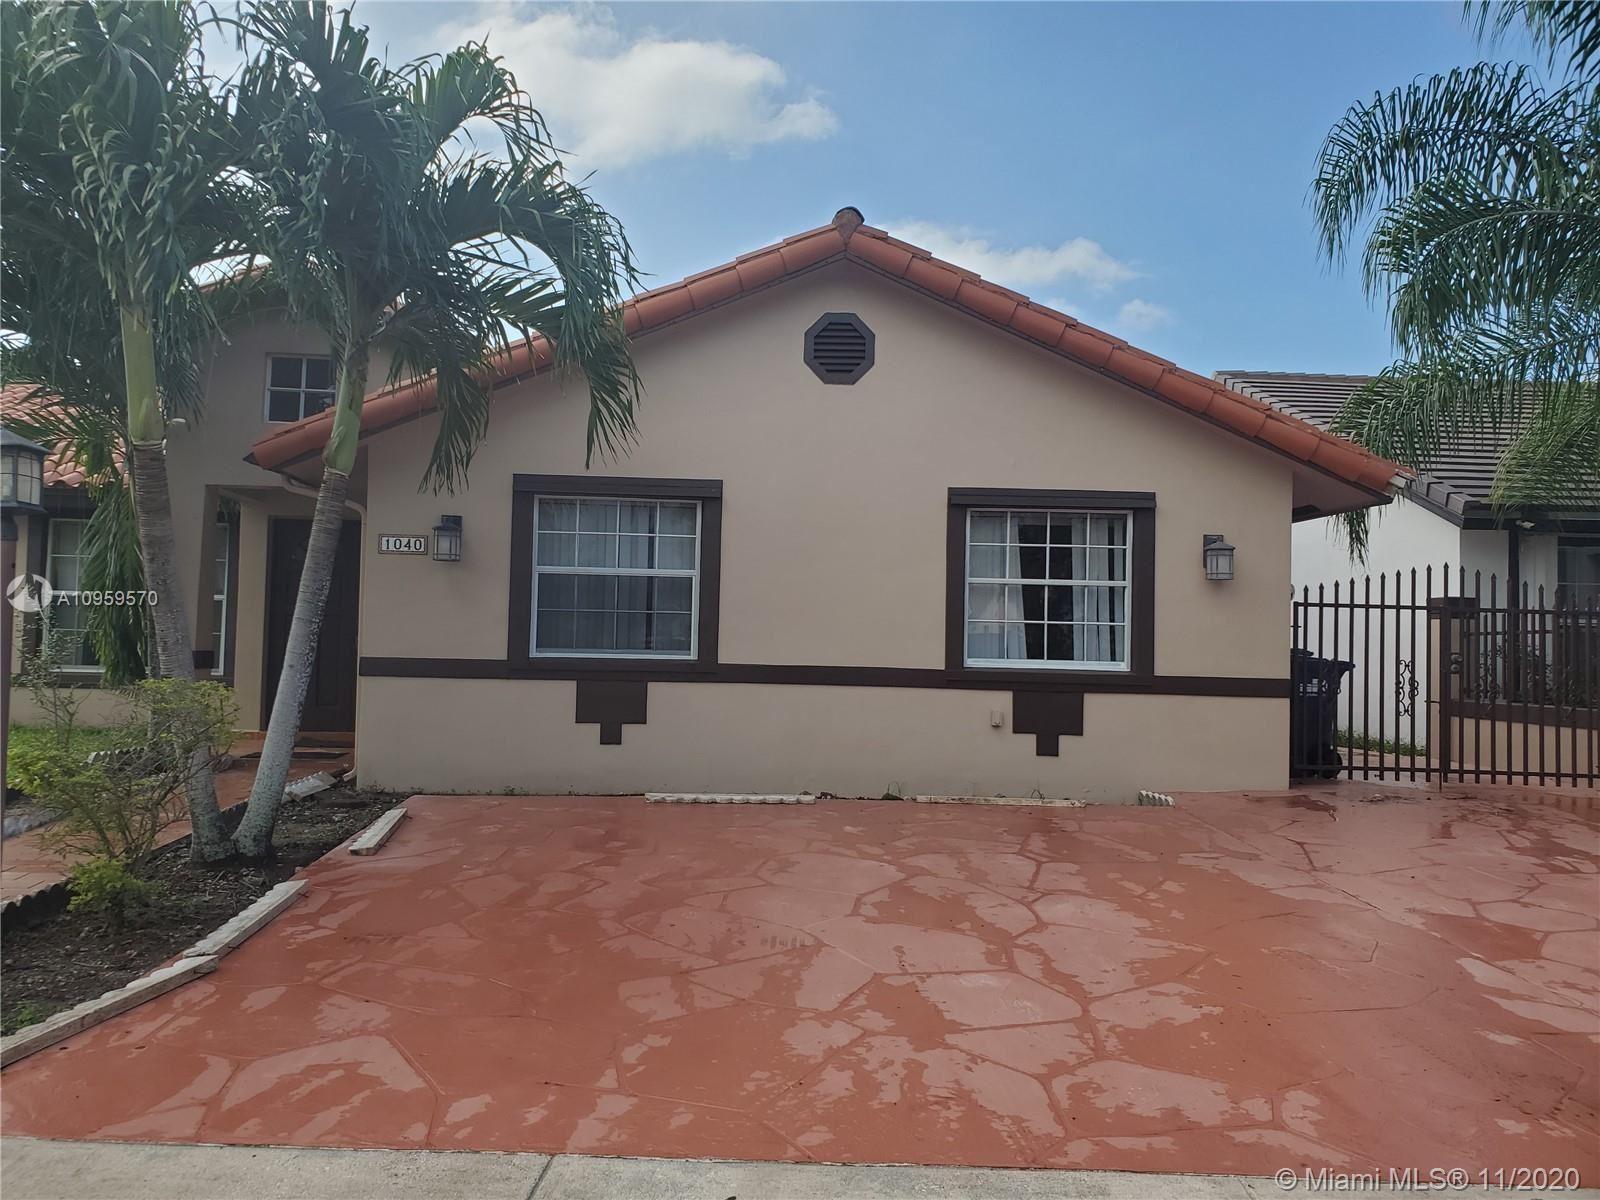 1040 NW 134th Ave, Miami, FL 33182 - #: A10959570